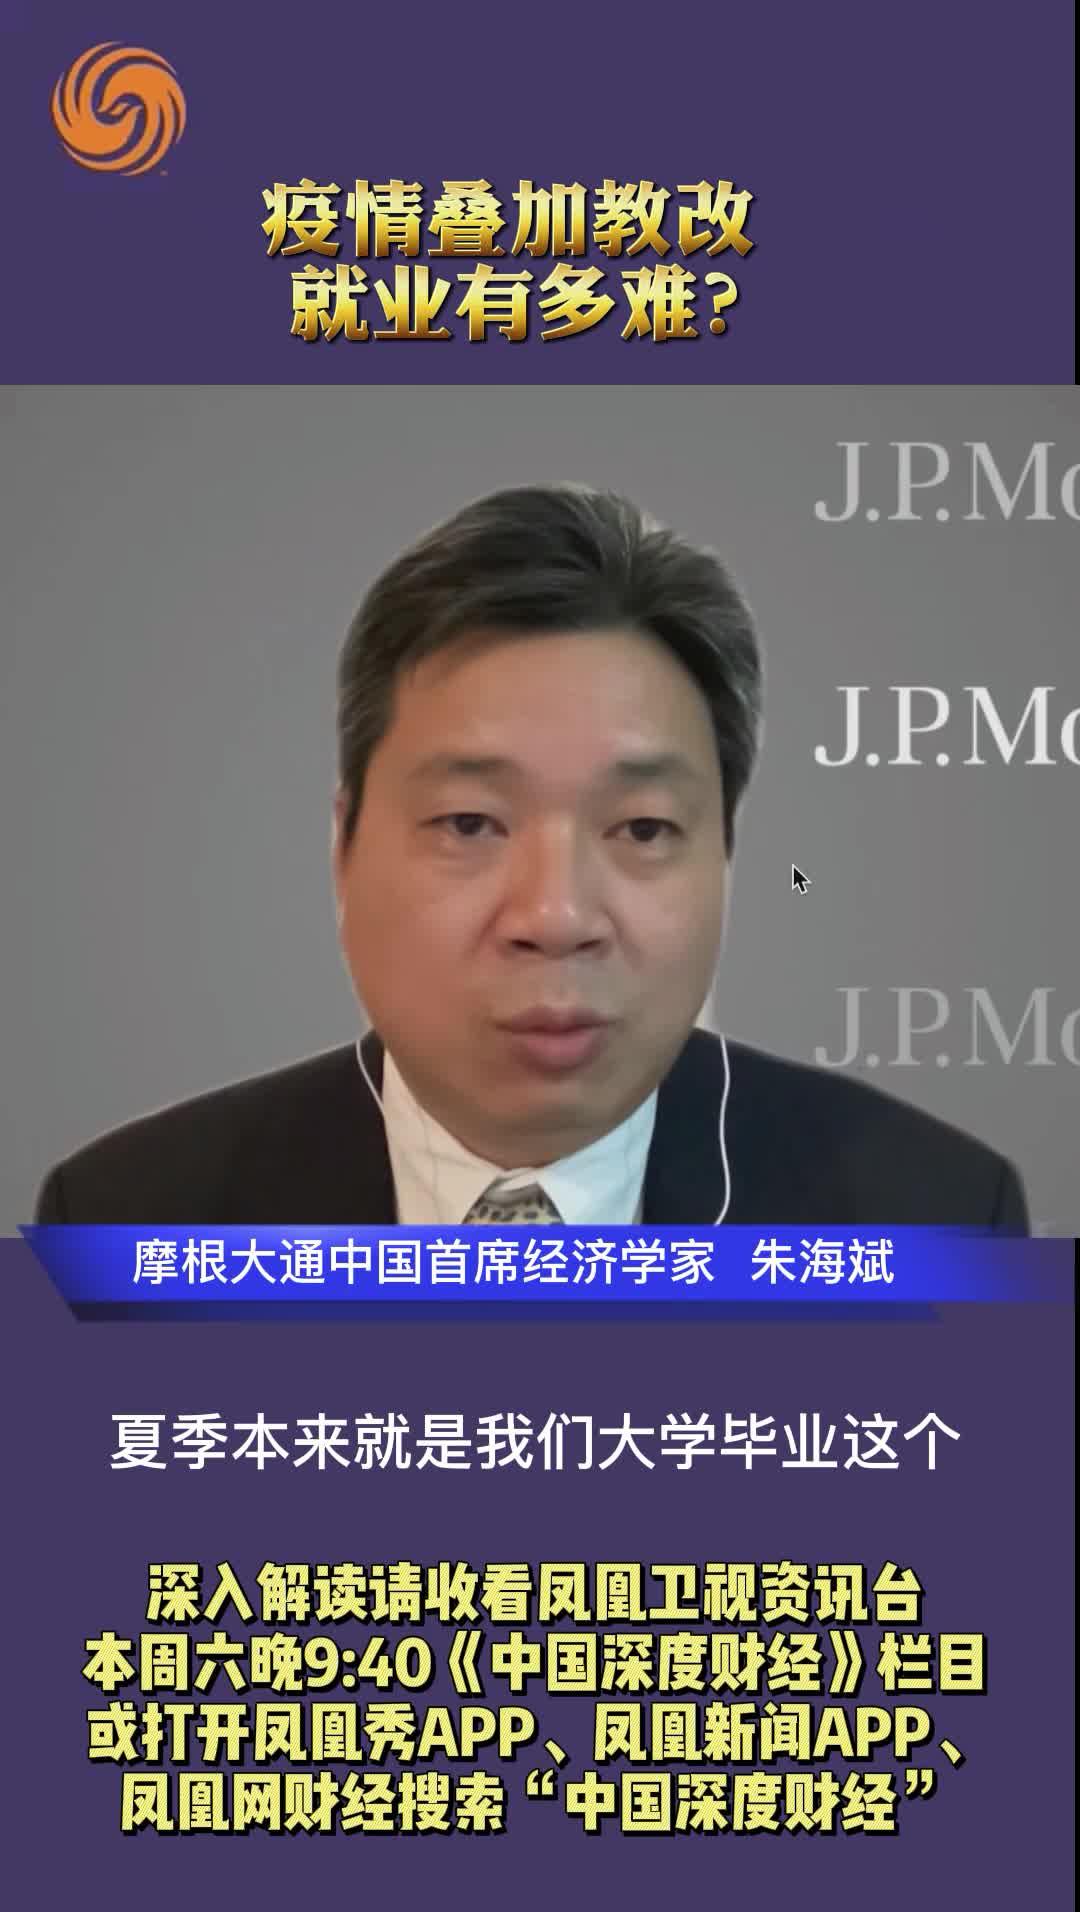 摩根大通中国首席经济学家朱海斌:疫情叠加教改 就业有多难?